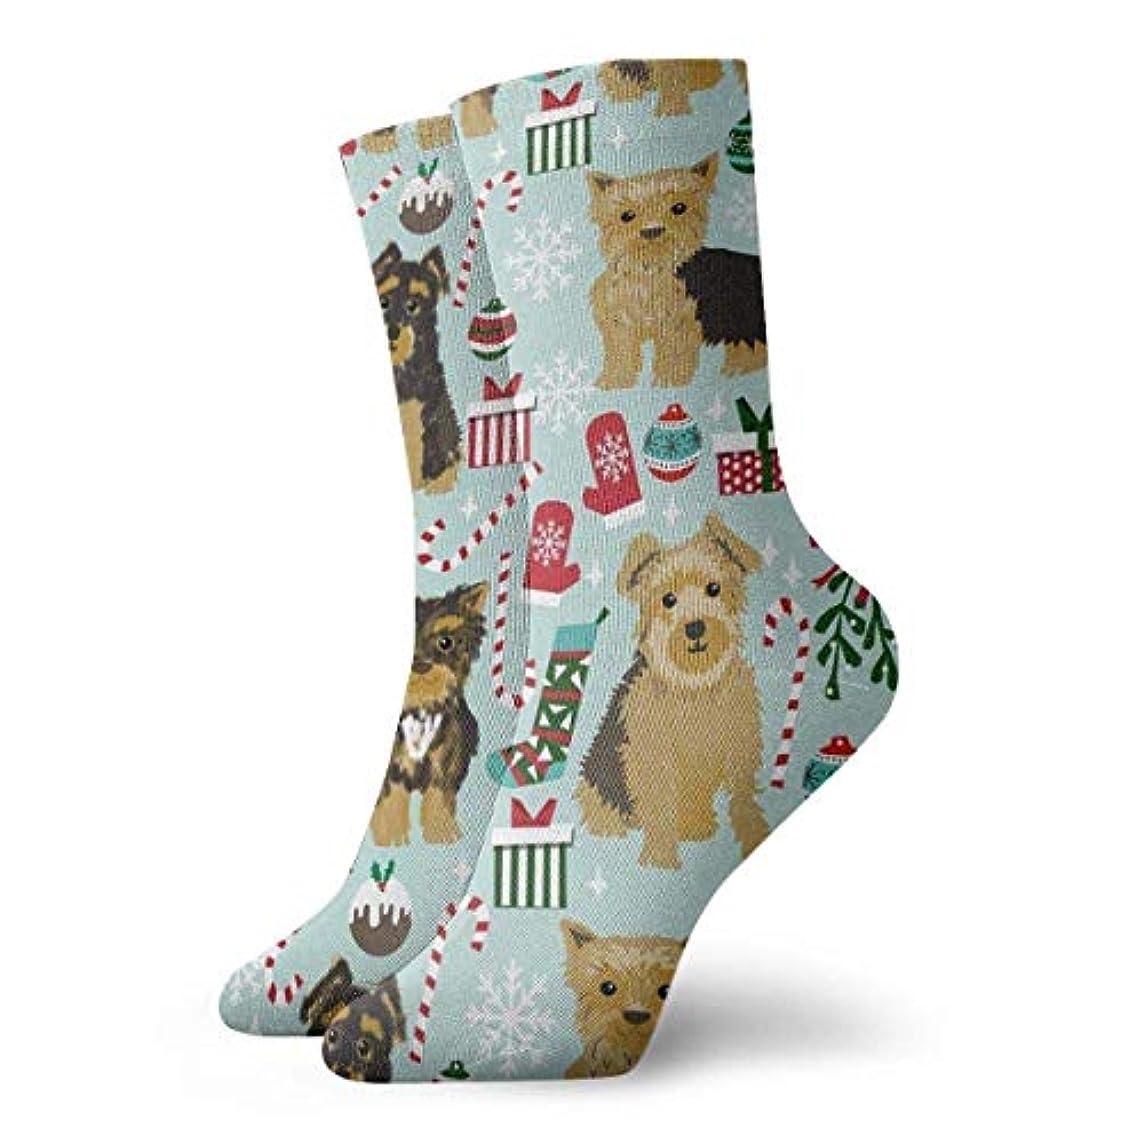 文法排気アンビエントQrriy女性の新しいヨーヨークリスマスソフトクリスマス膝ハイスストッキングスリッパソックス、クリスマス楽しいカラフルな靴下